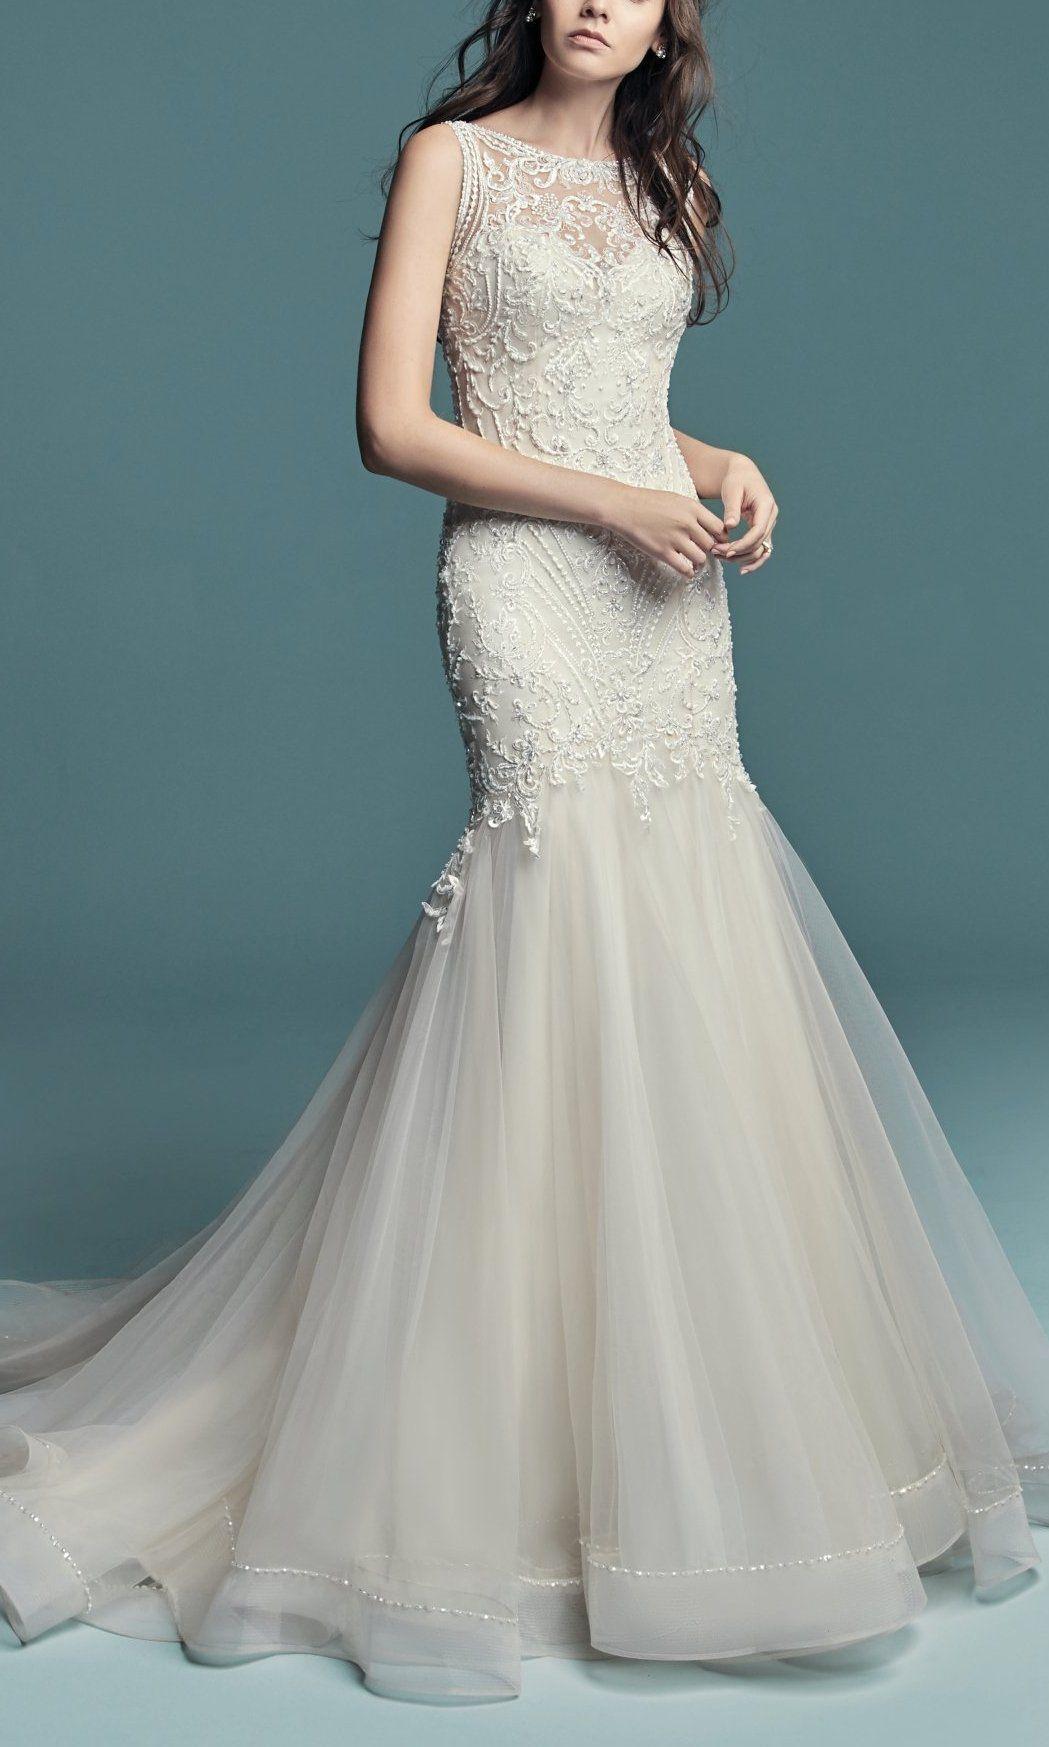 42d5f5e82d ARIELLA by Maggie Sottero Wedding Dresses in 2019